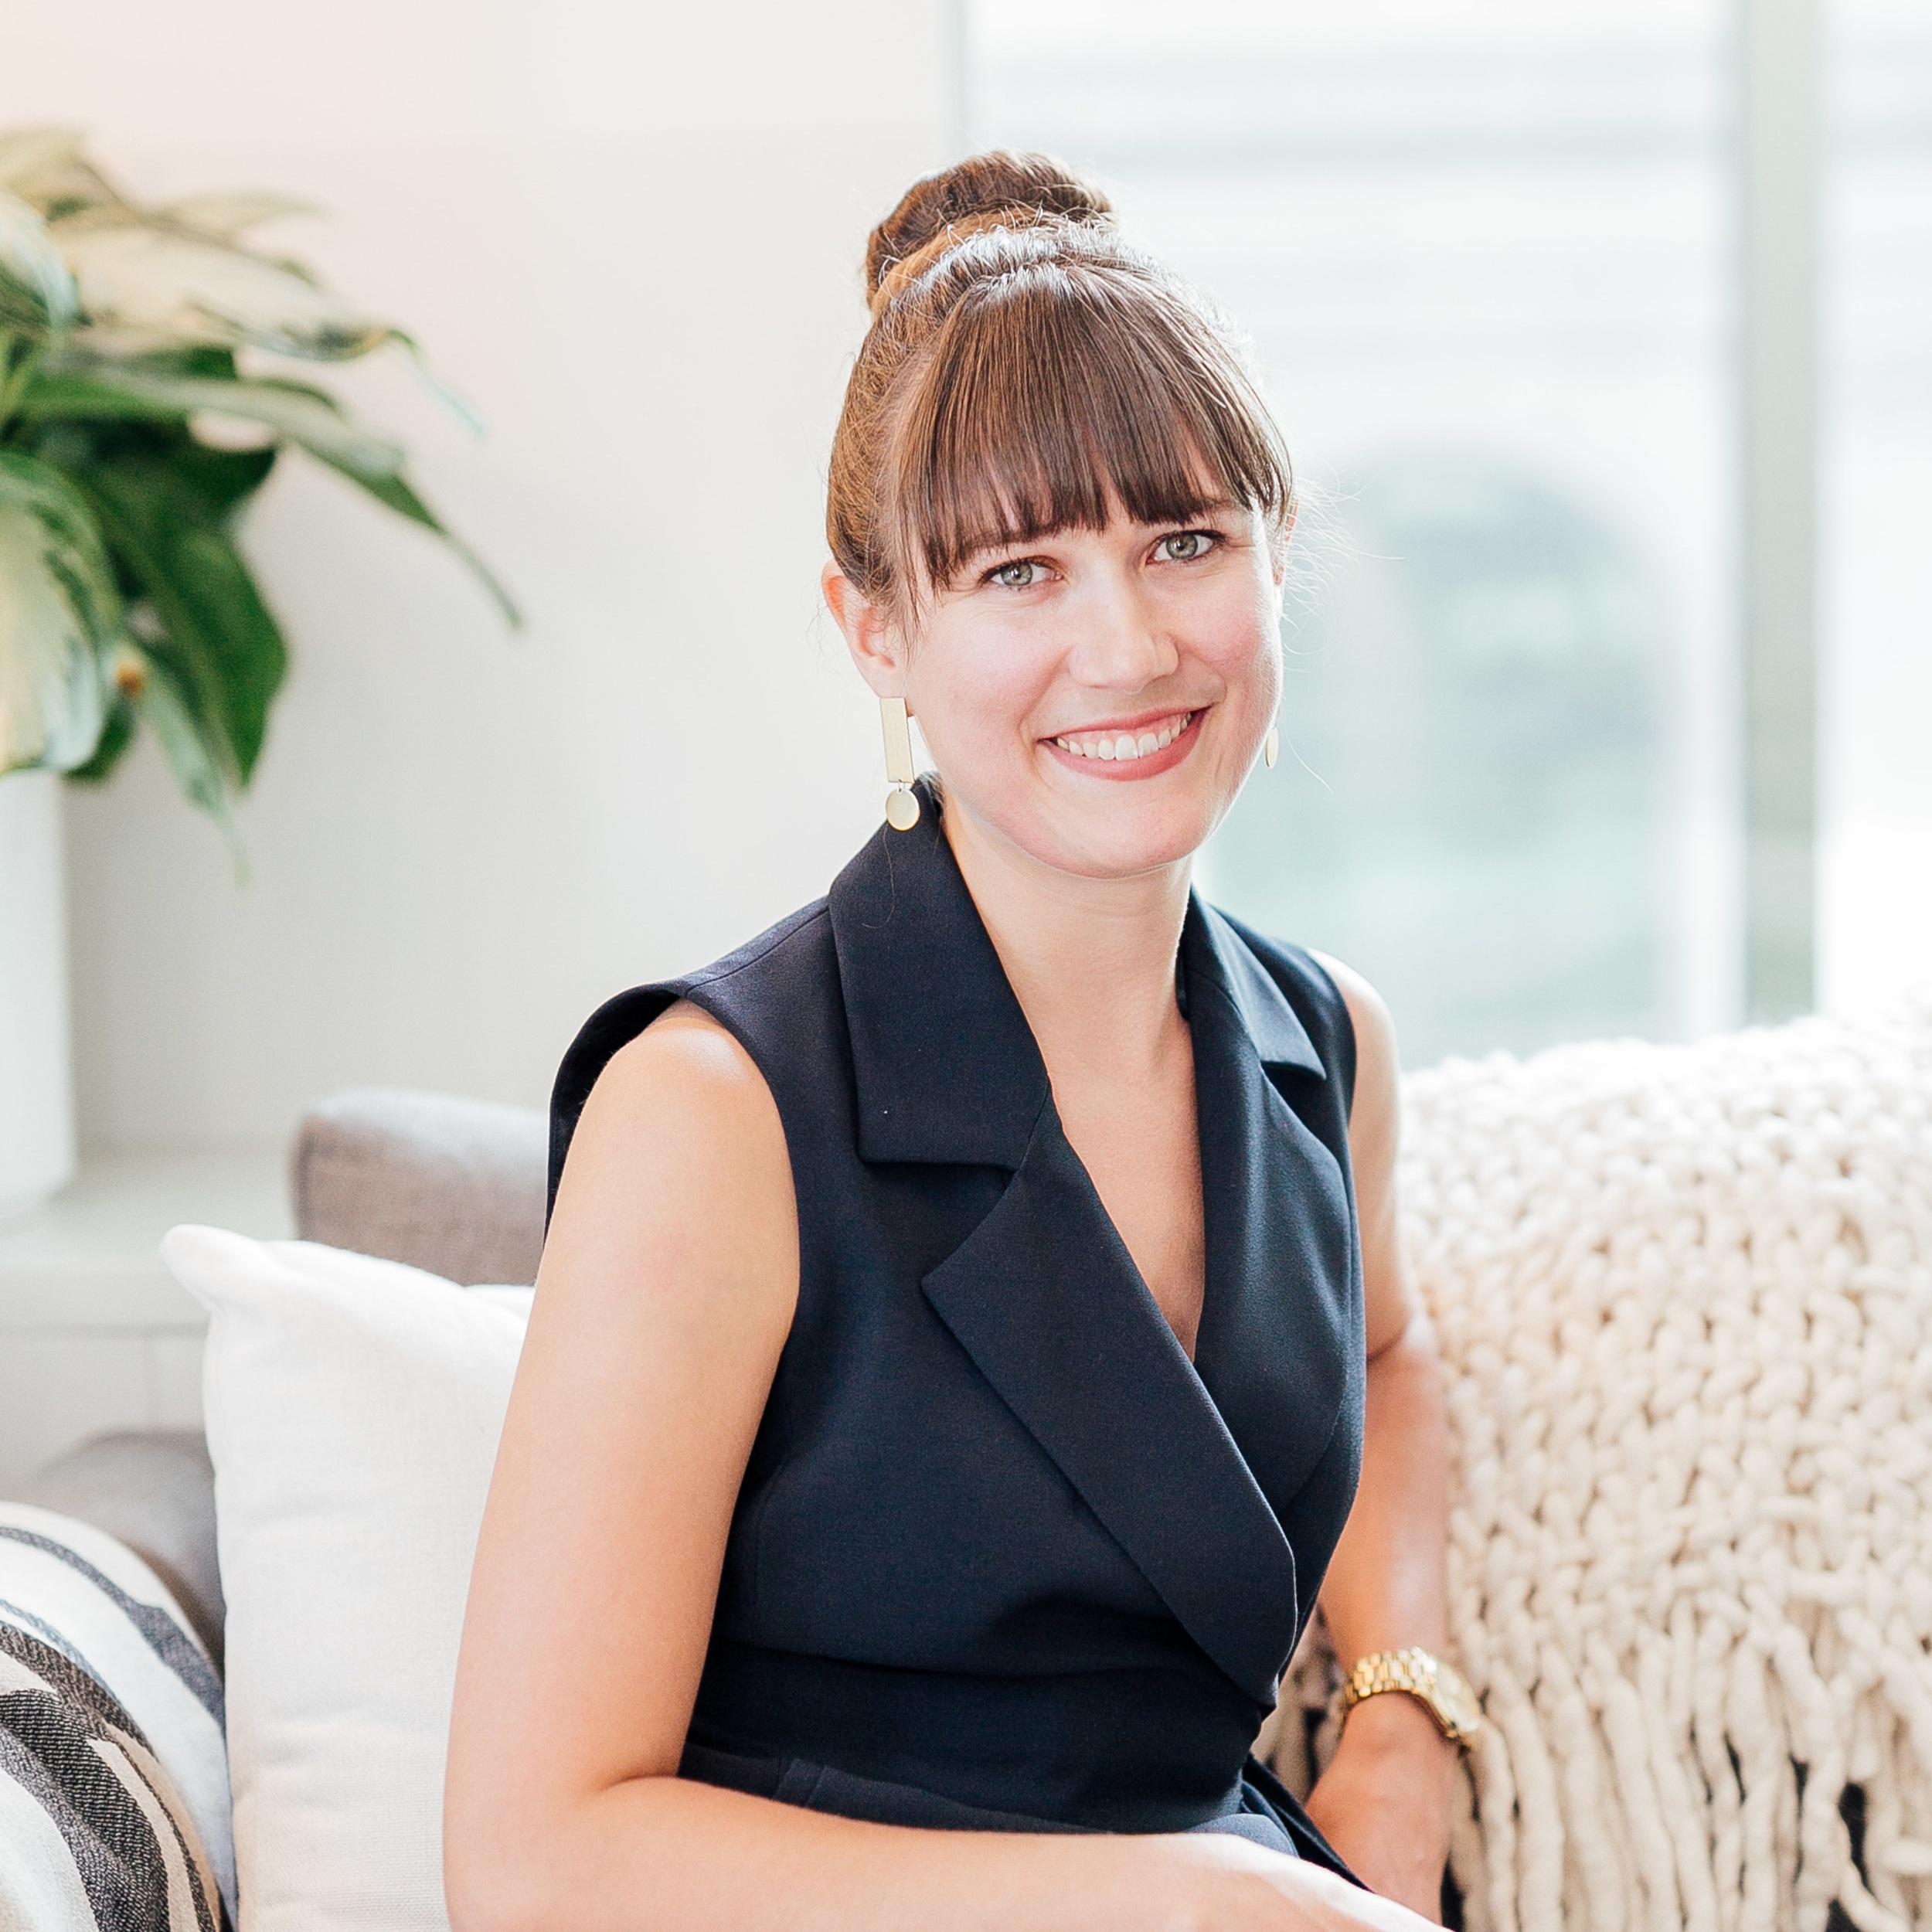 Sarah Gerber, Zero Gap